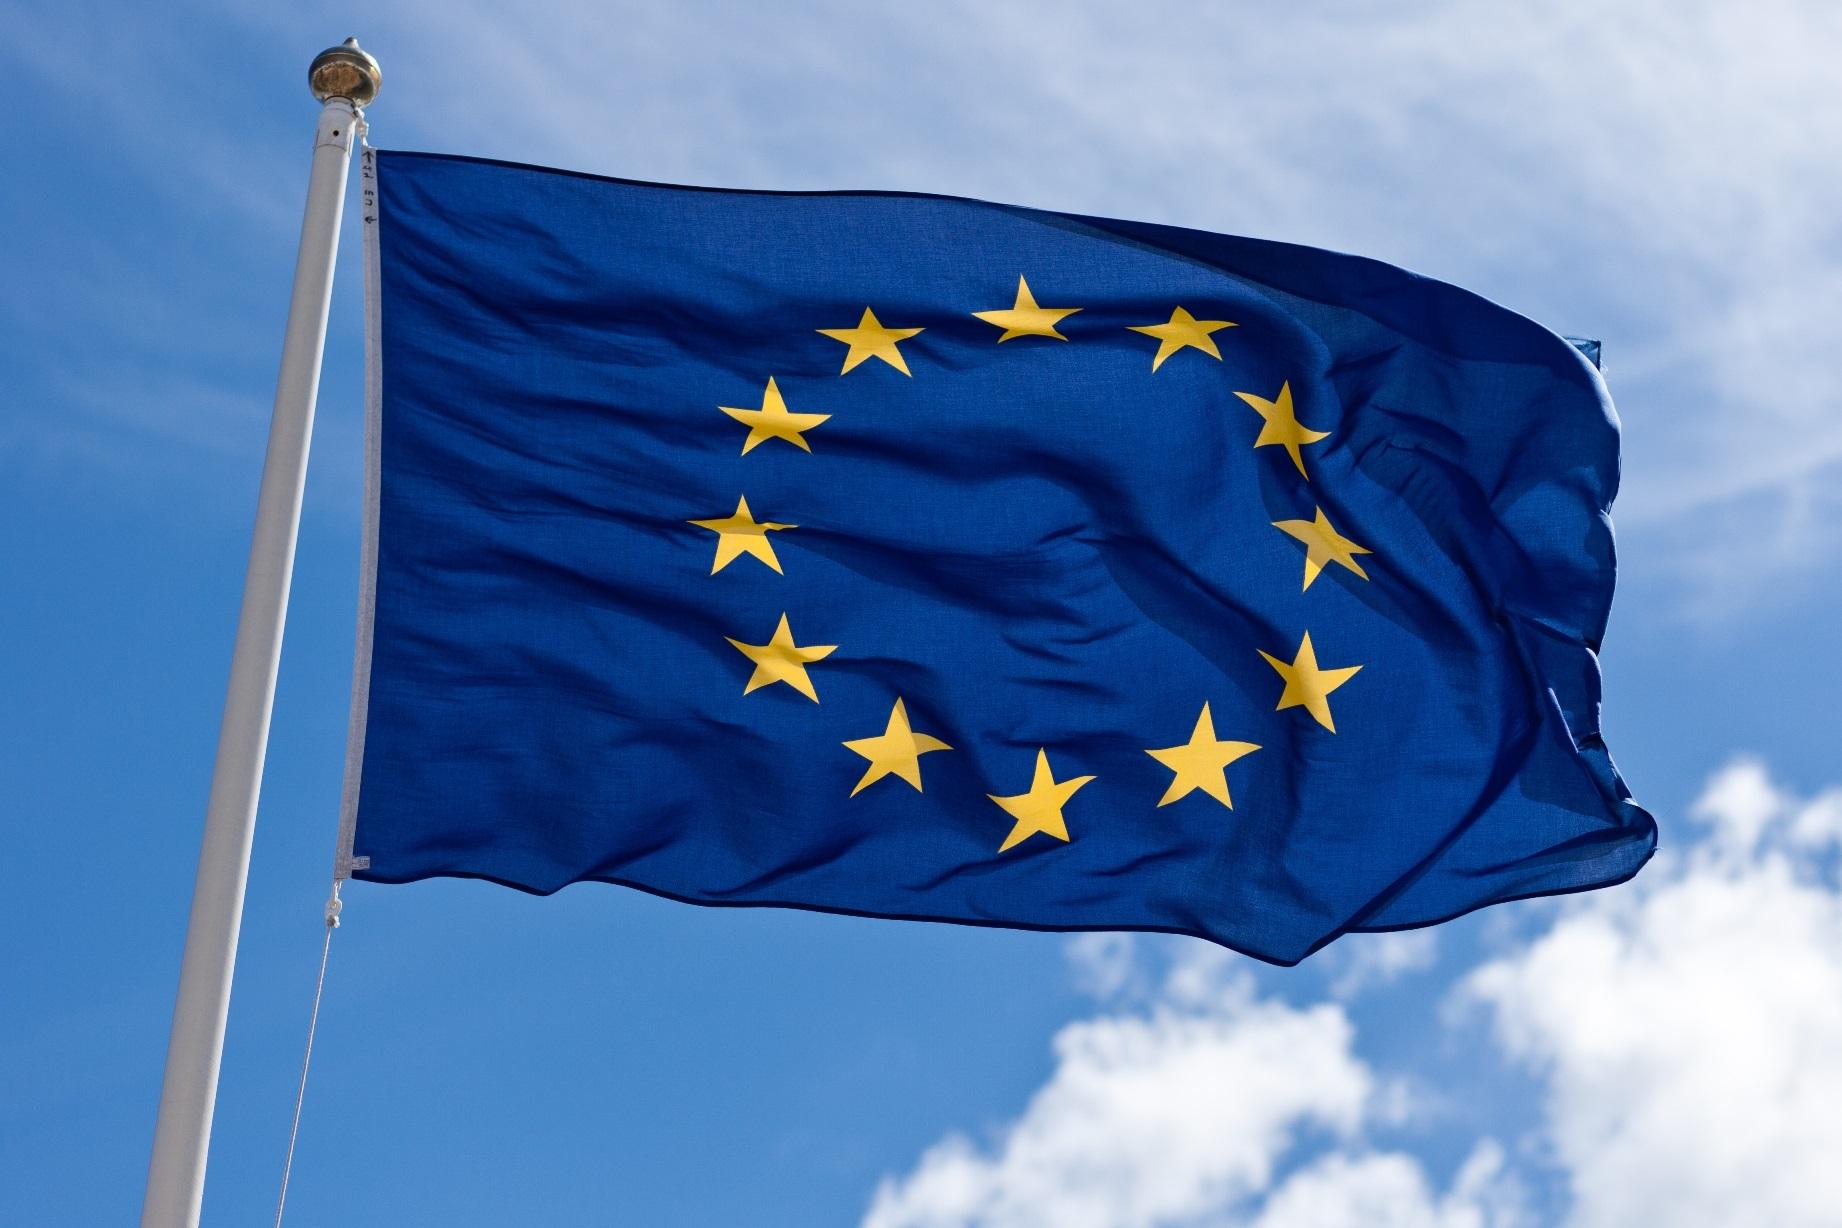 """欧盟商标与国际商标""""指定""""欧盟的区别"""